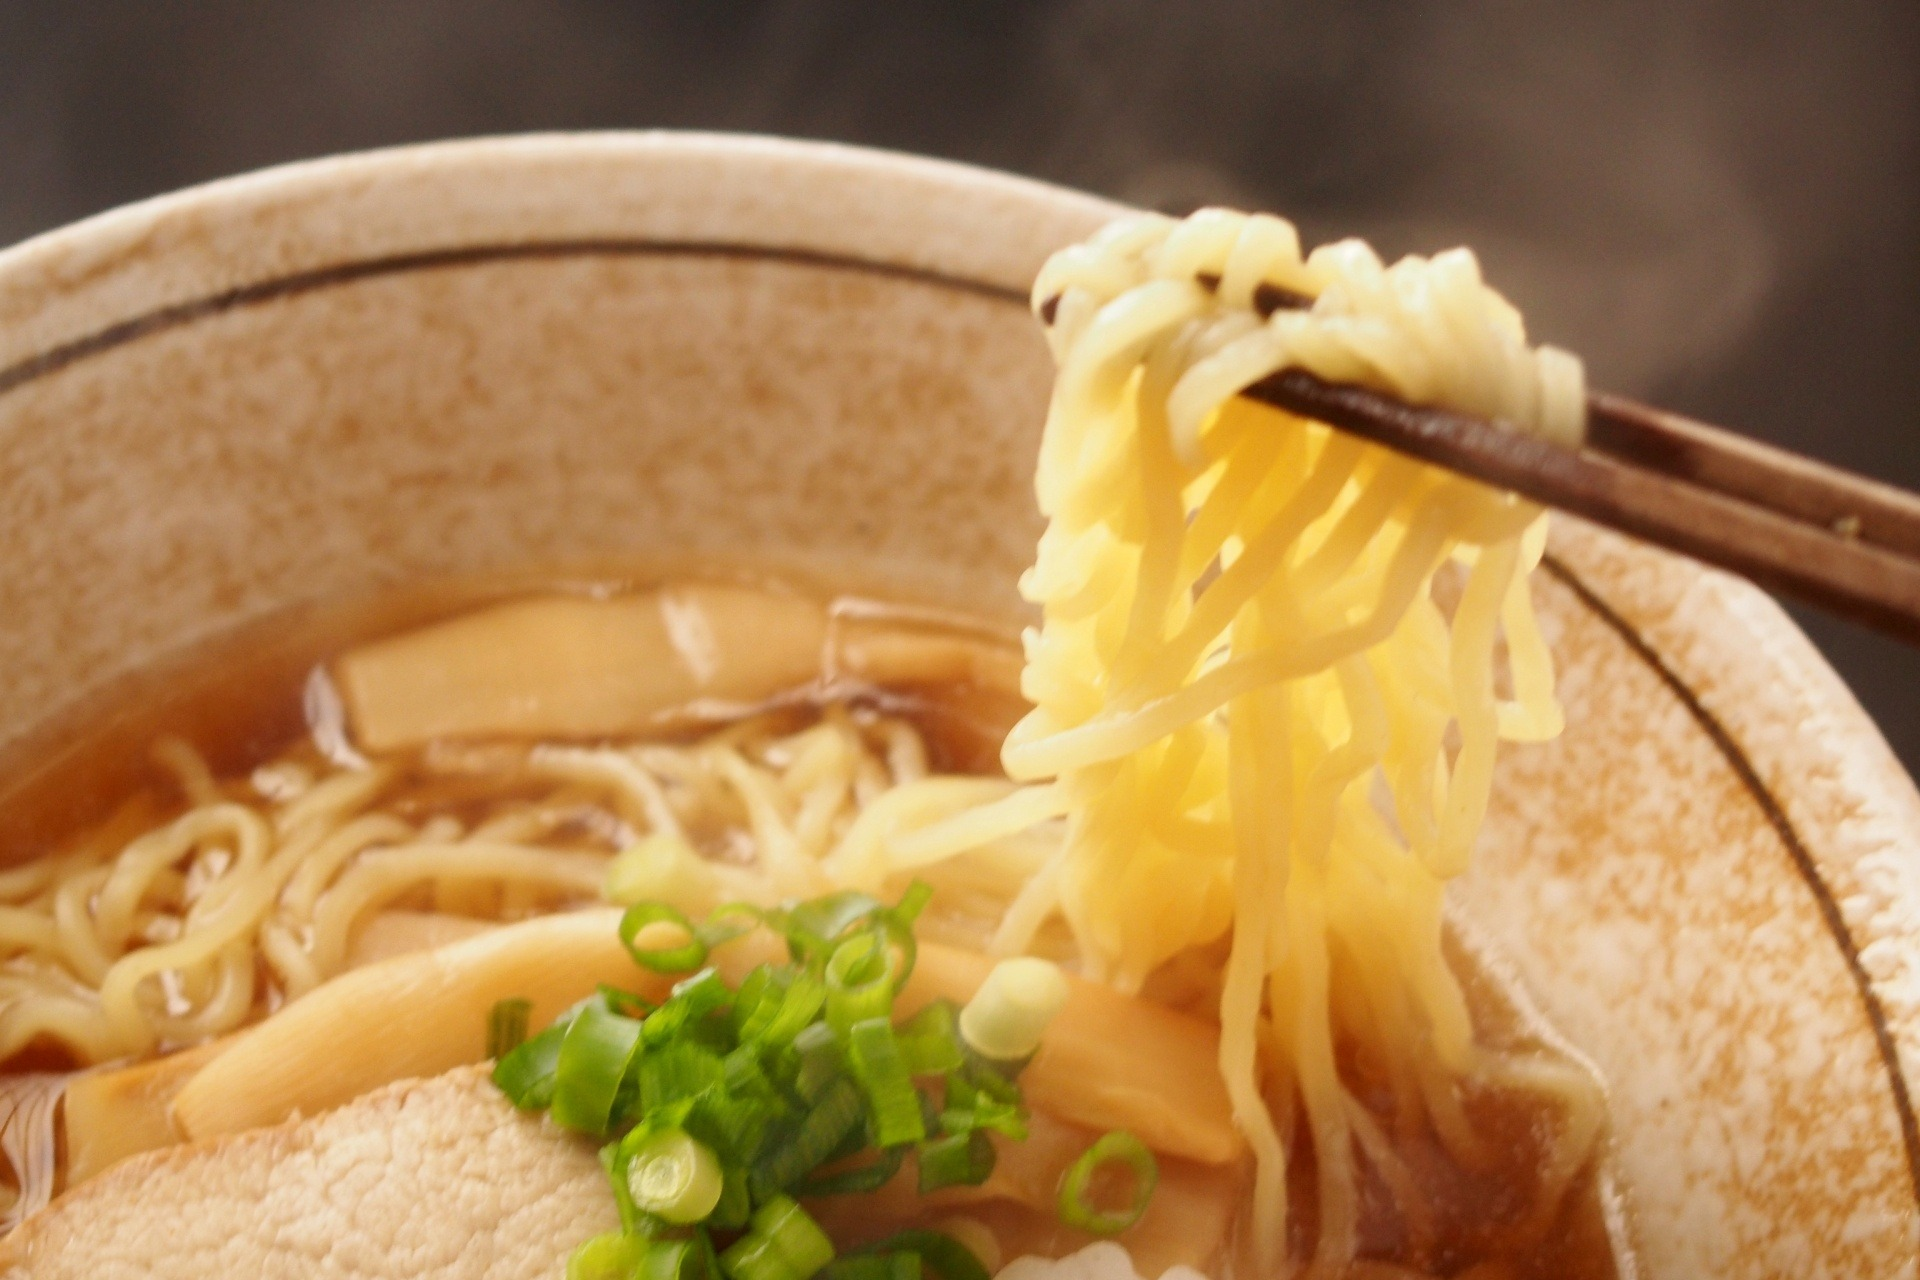 【2020年最新】幡ヶ谷で食べたいラーメンランキング9!人気店・名店目白押し